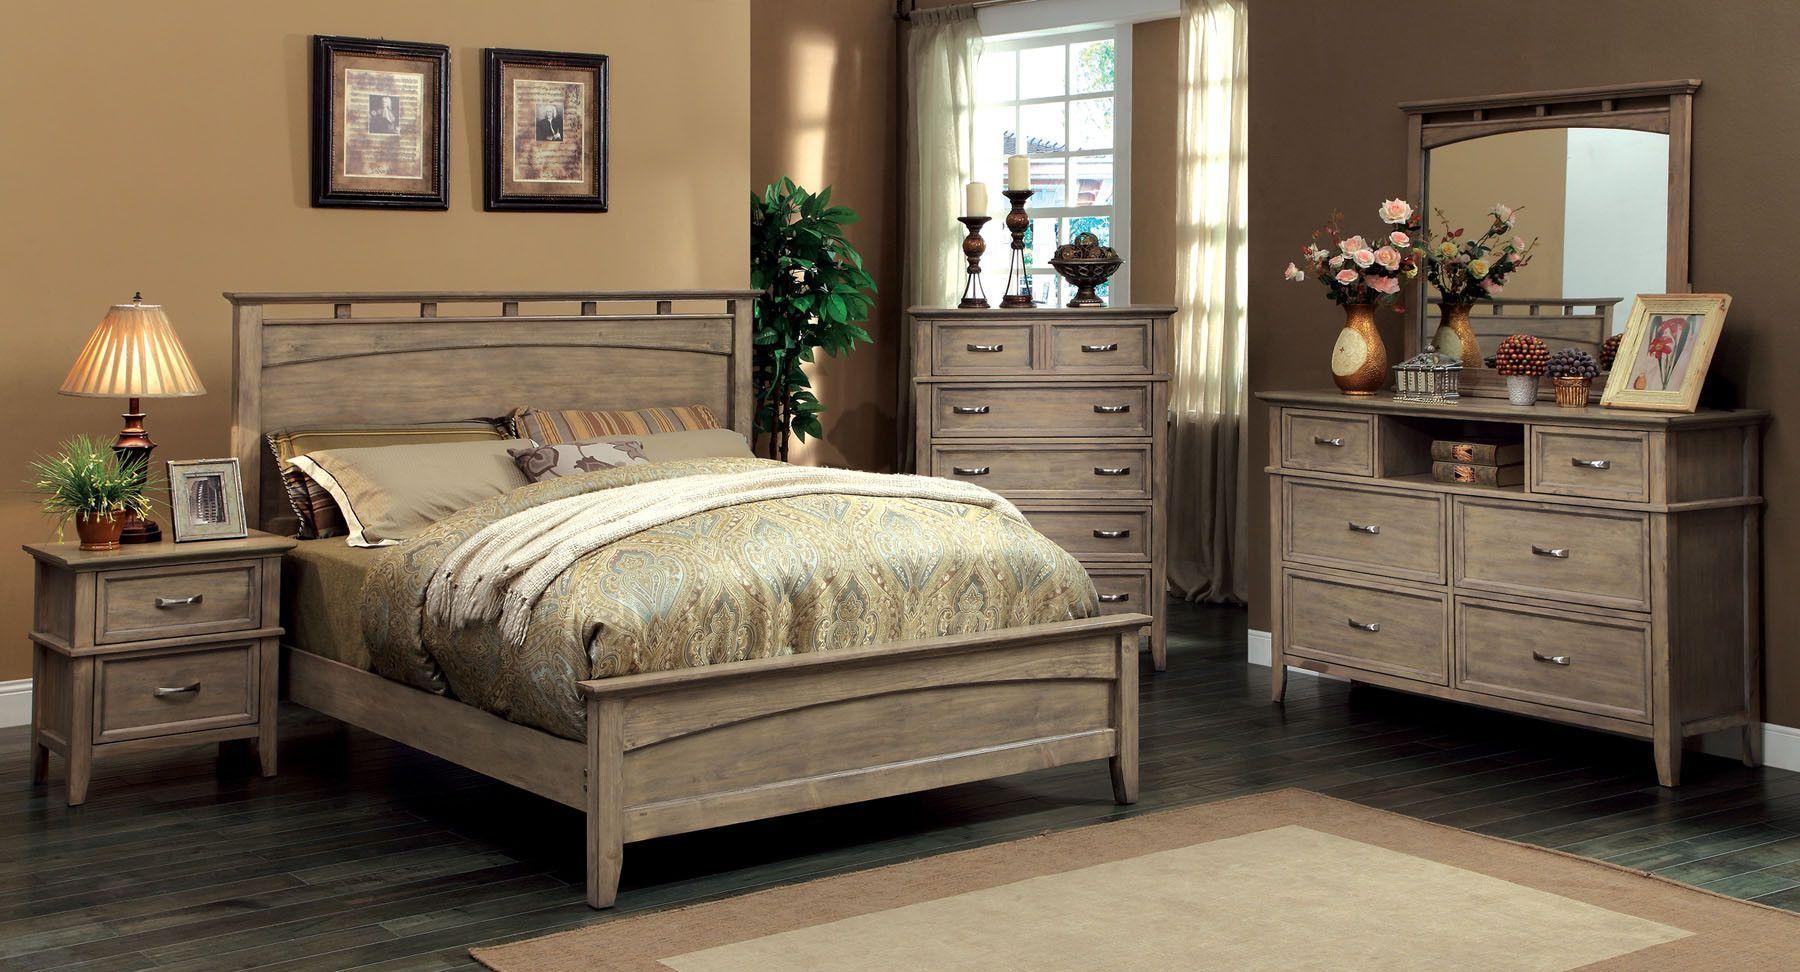 Loxley Beds CM7351 Bedroom furniture sets, Bedroom set